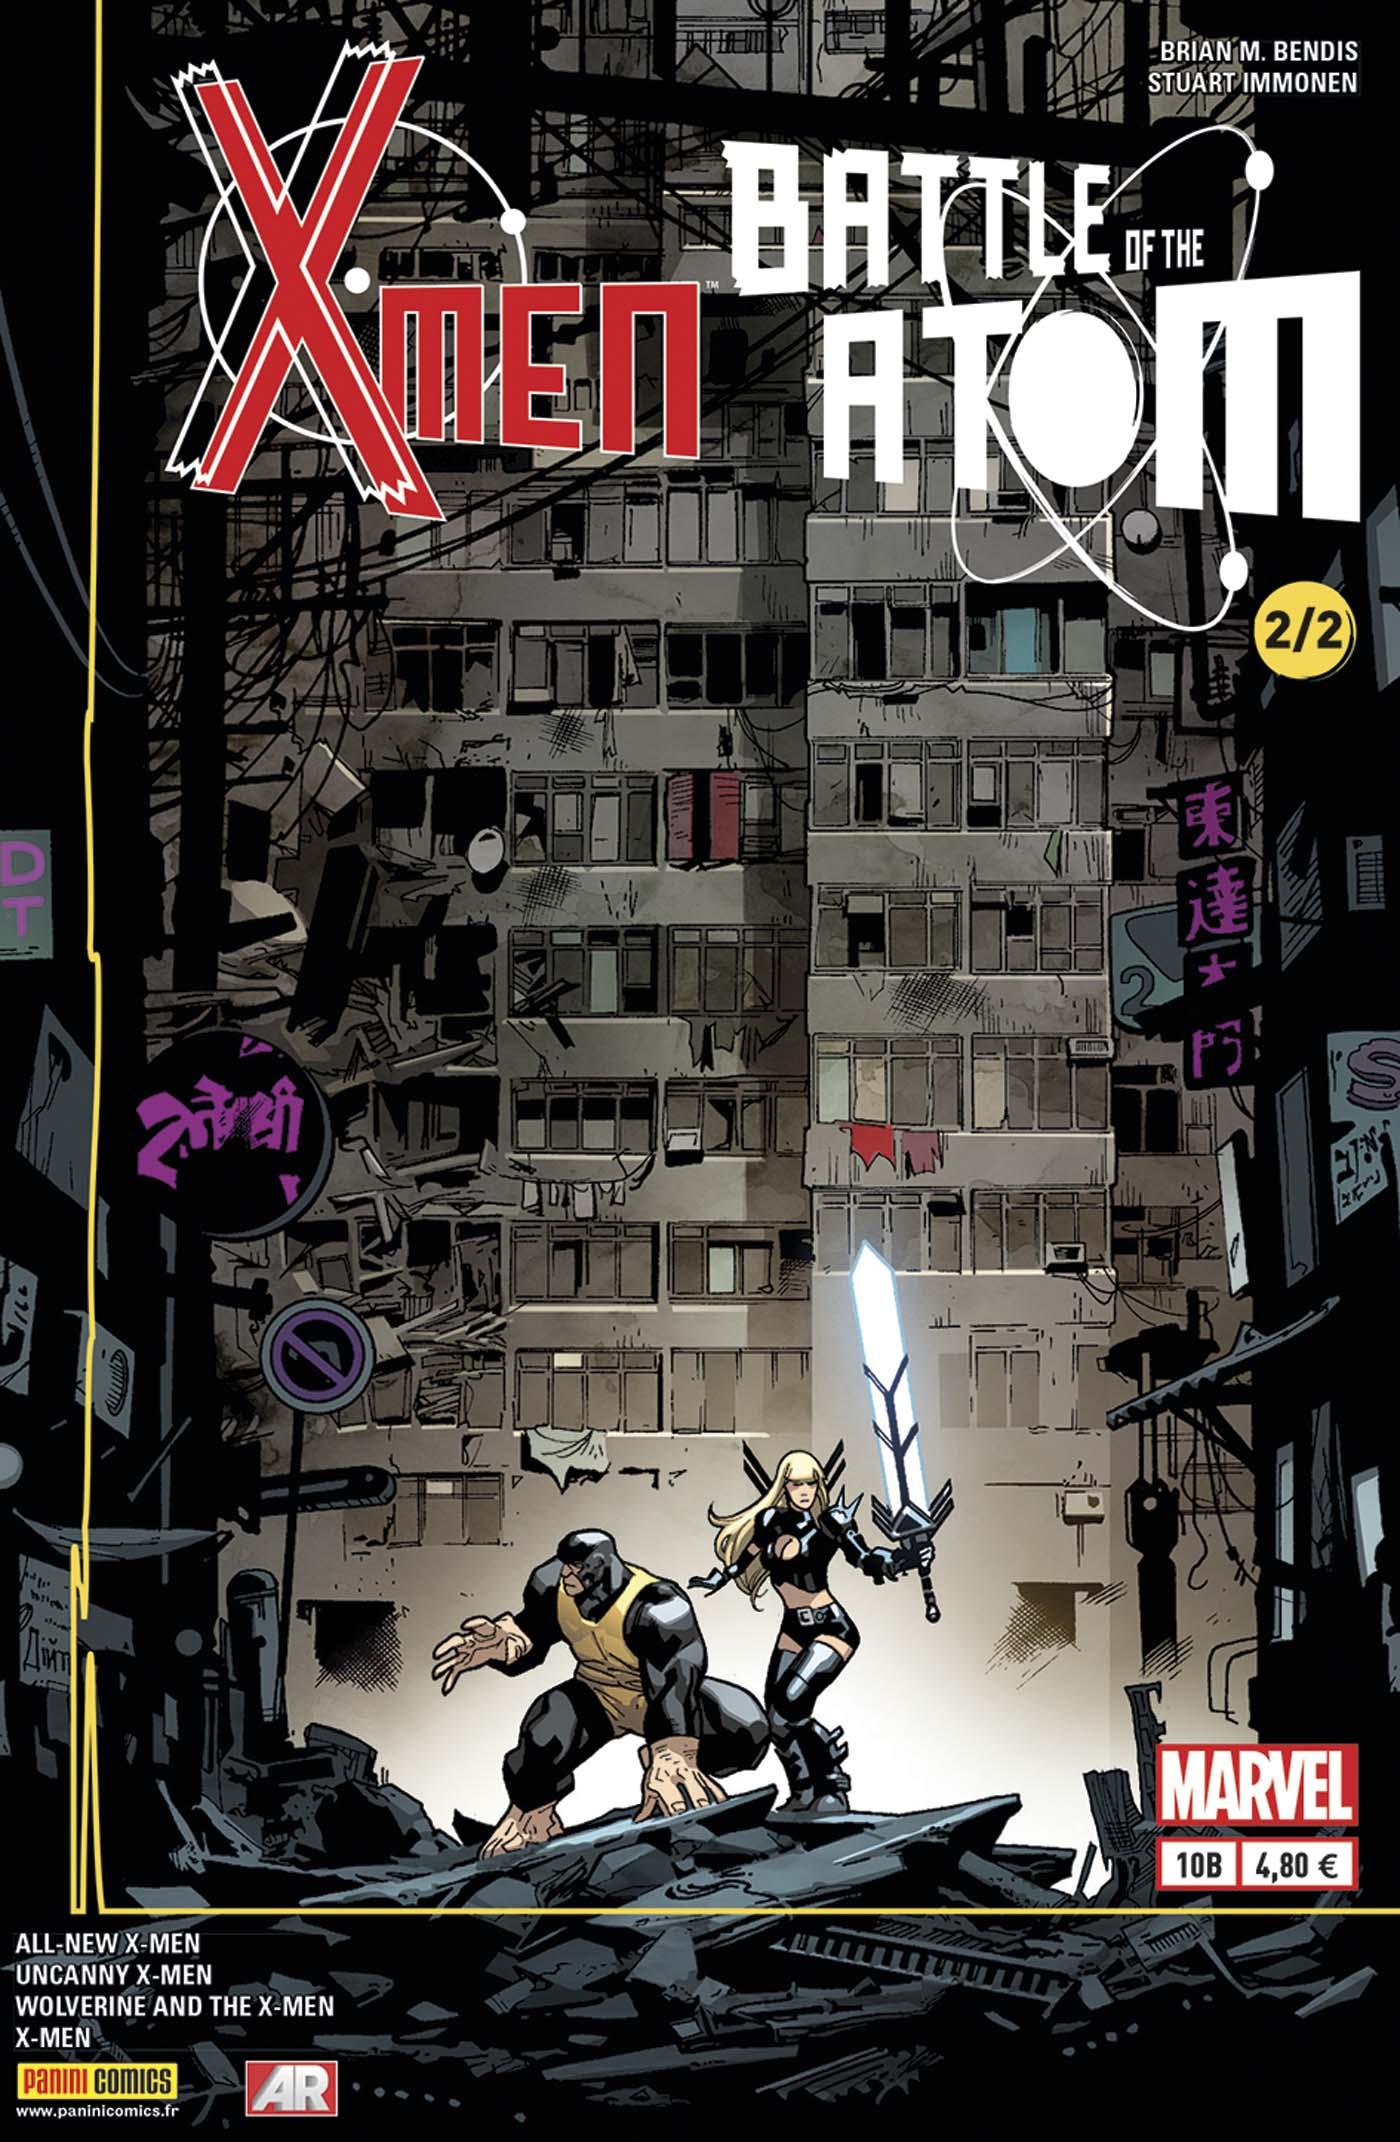 X-Men 10 - LA BATAILLE DE L'ATOME (2/2), Couverture B - Stuart Immonen